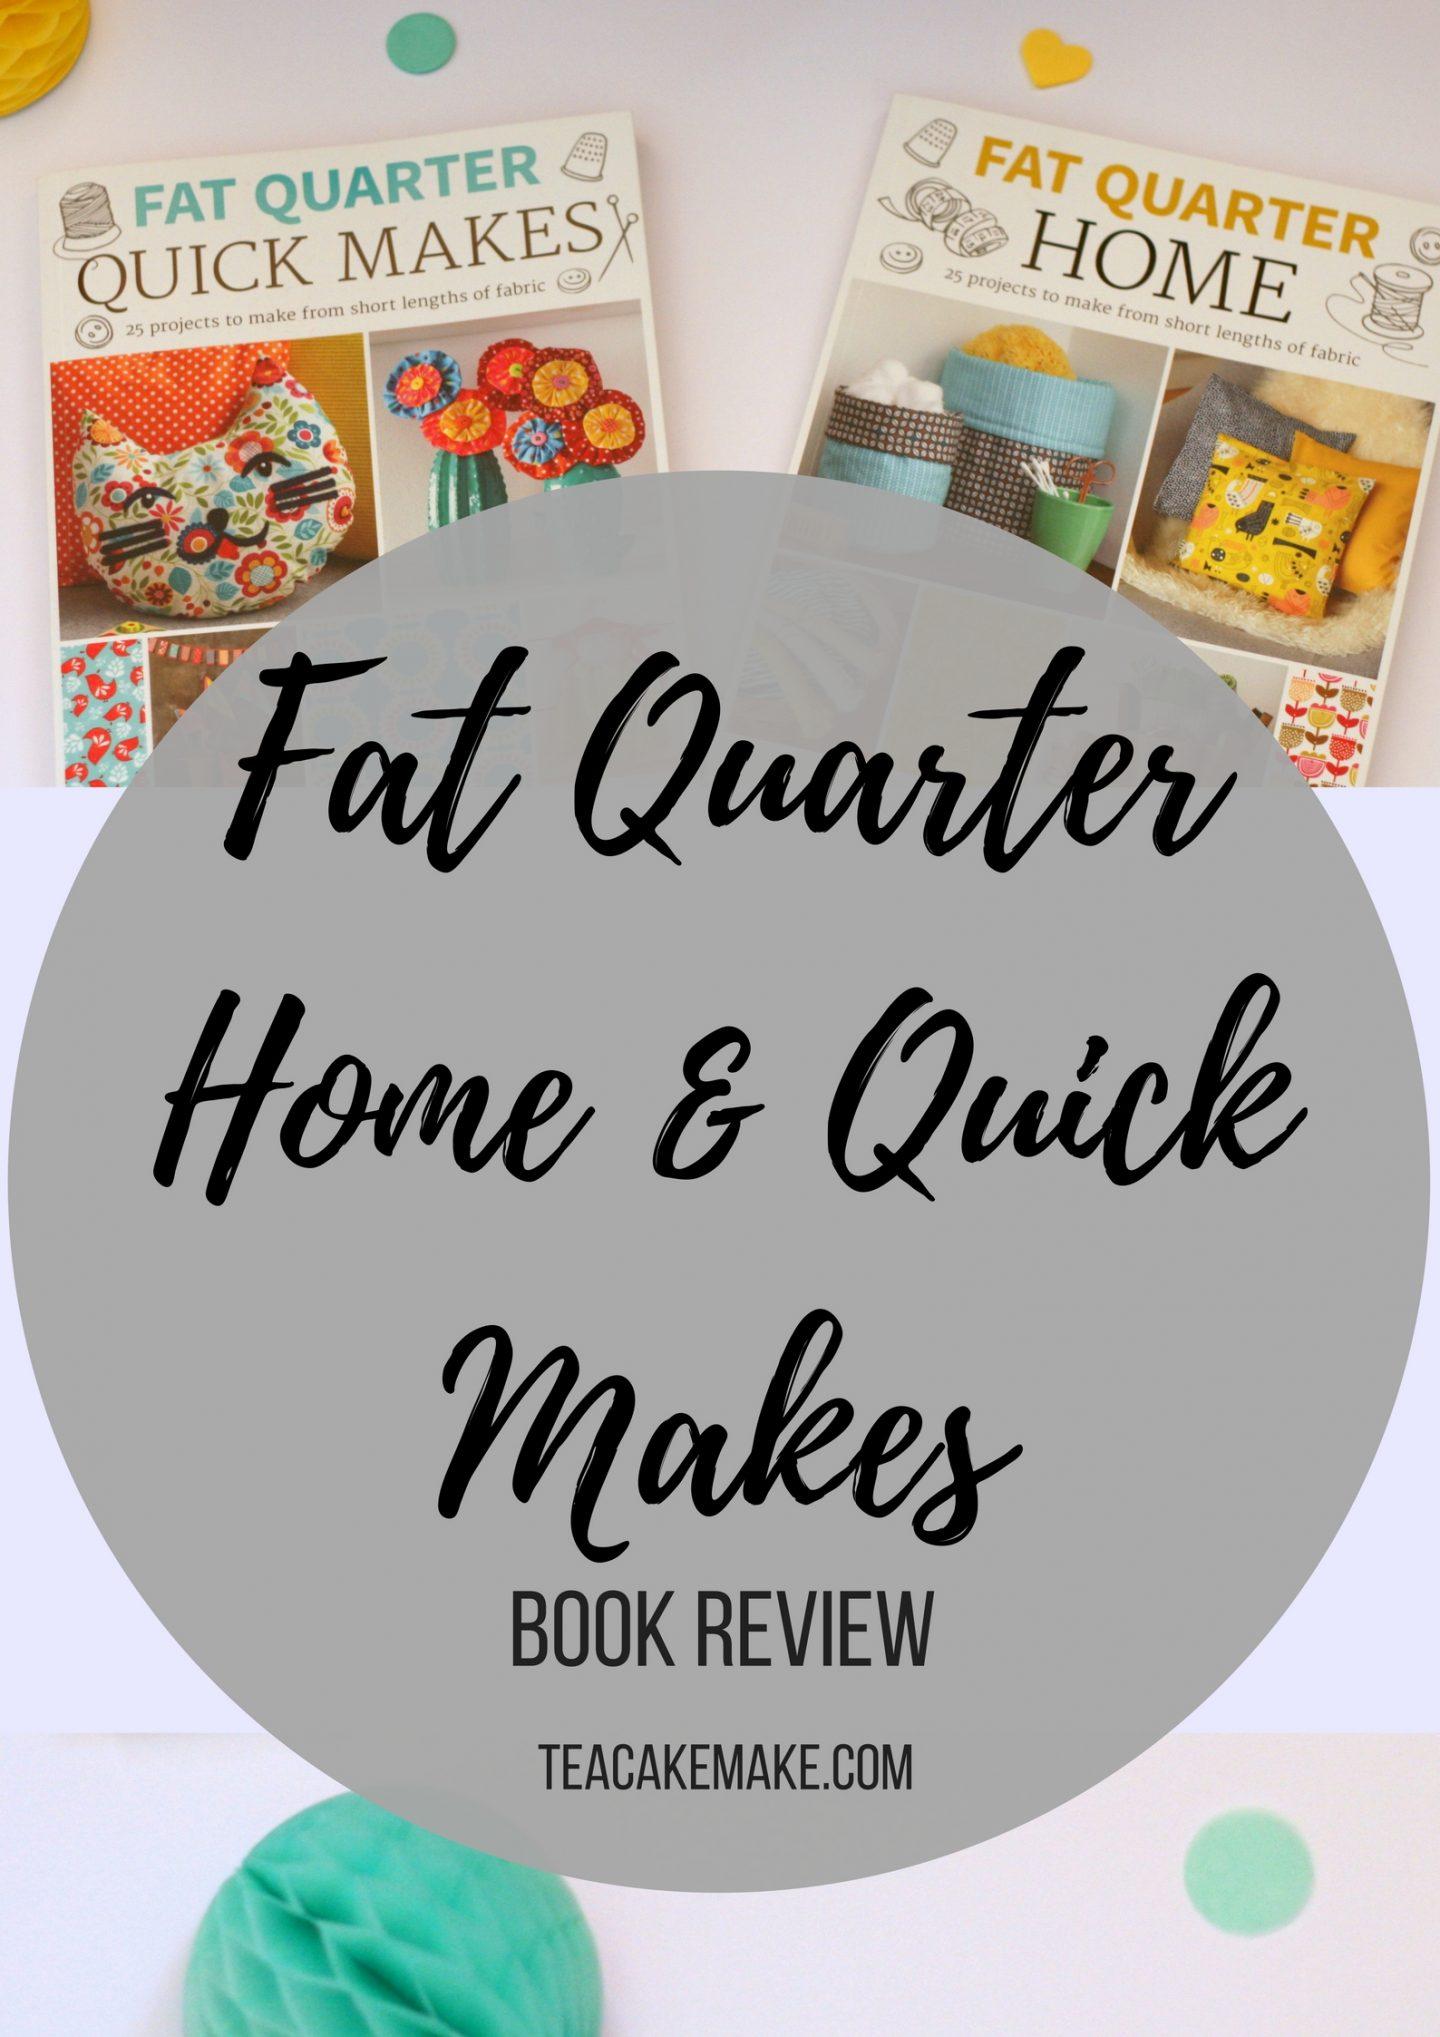 Fat quarter home quick makes review